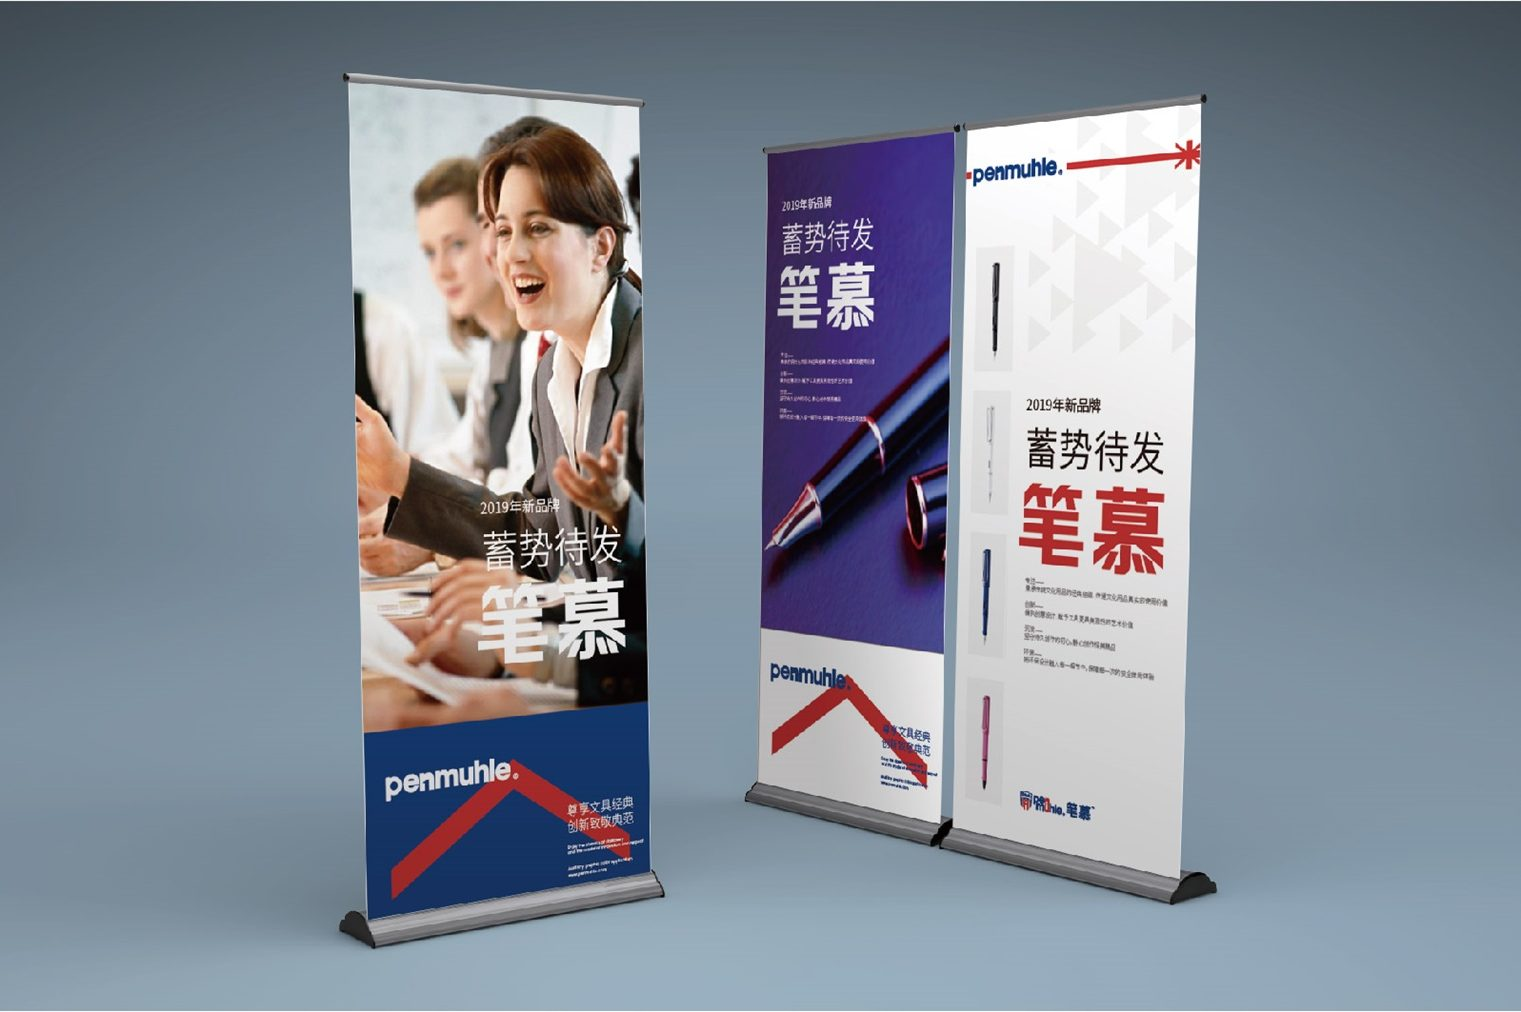 廣州品牌策劃公司可以幫助企業進行新品推廣